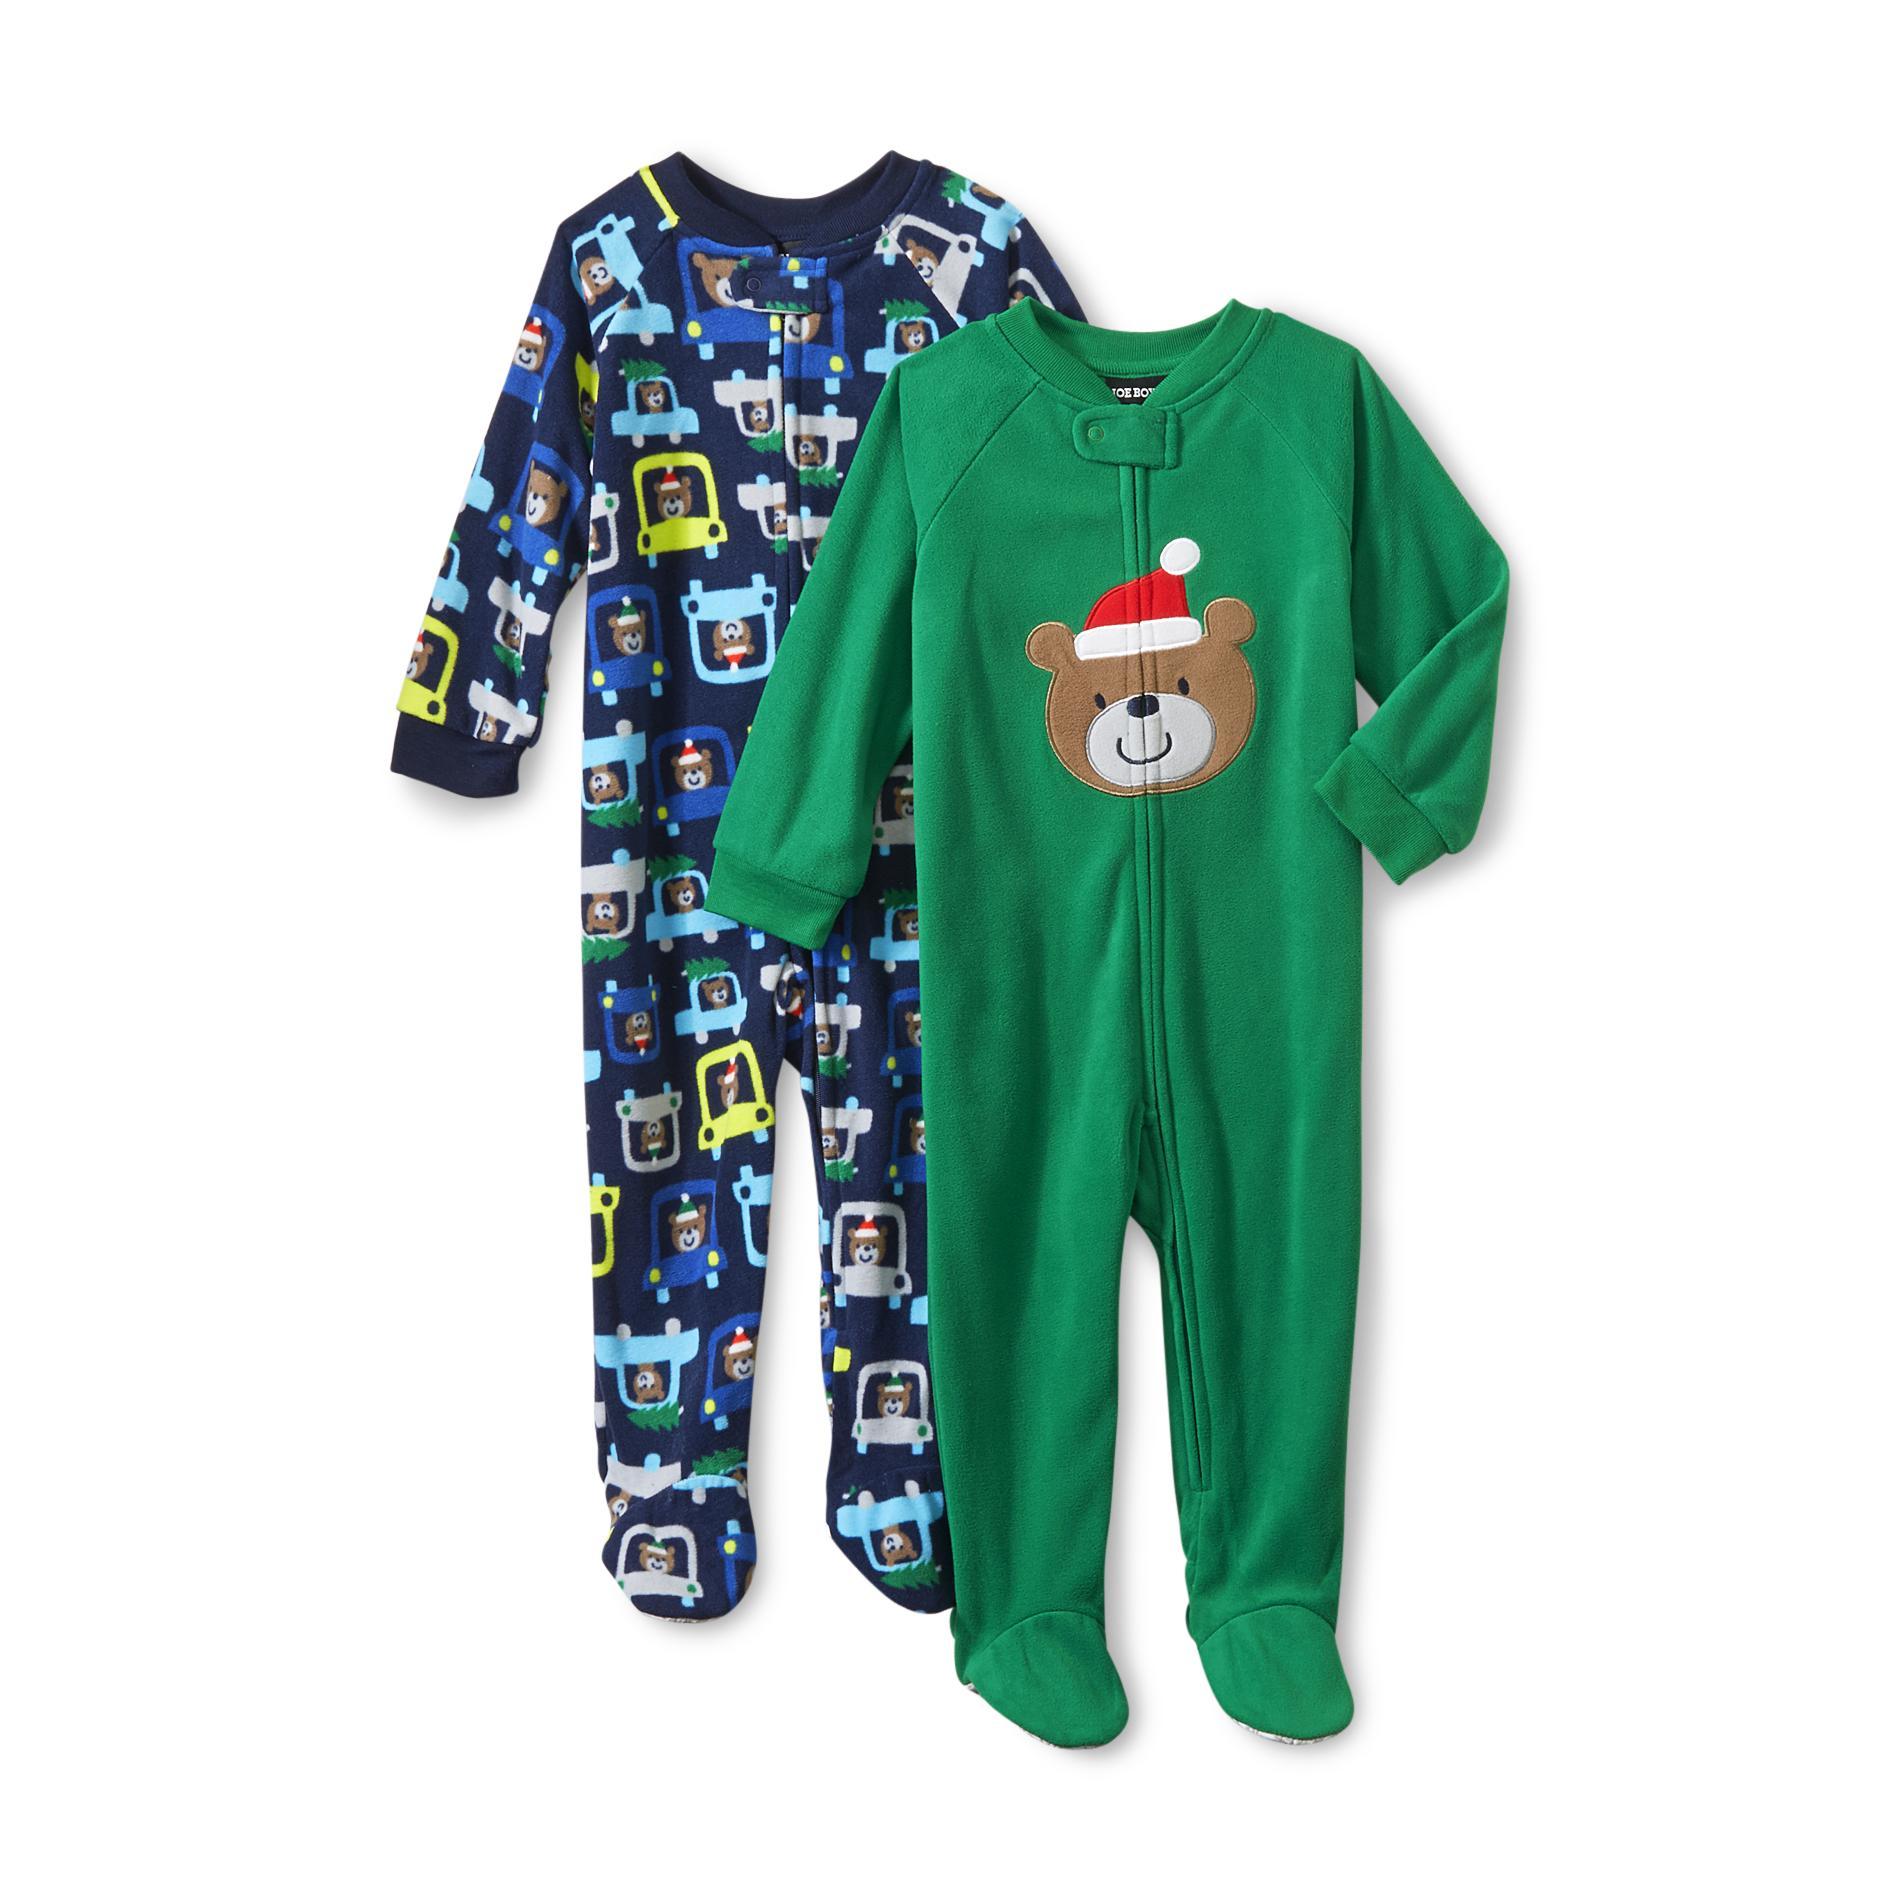 Boys Christmas Footed Pajamas